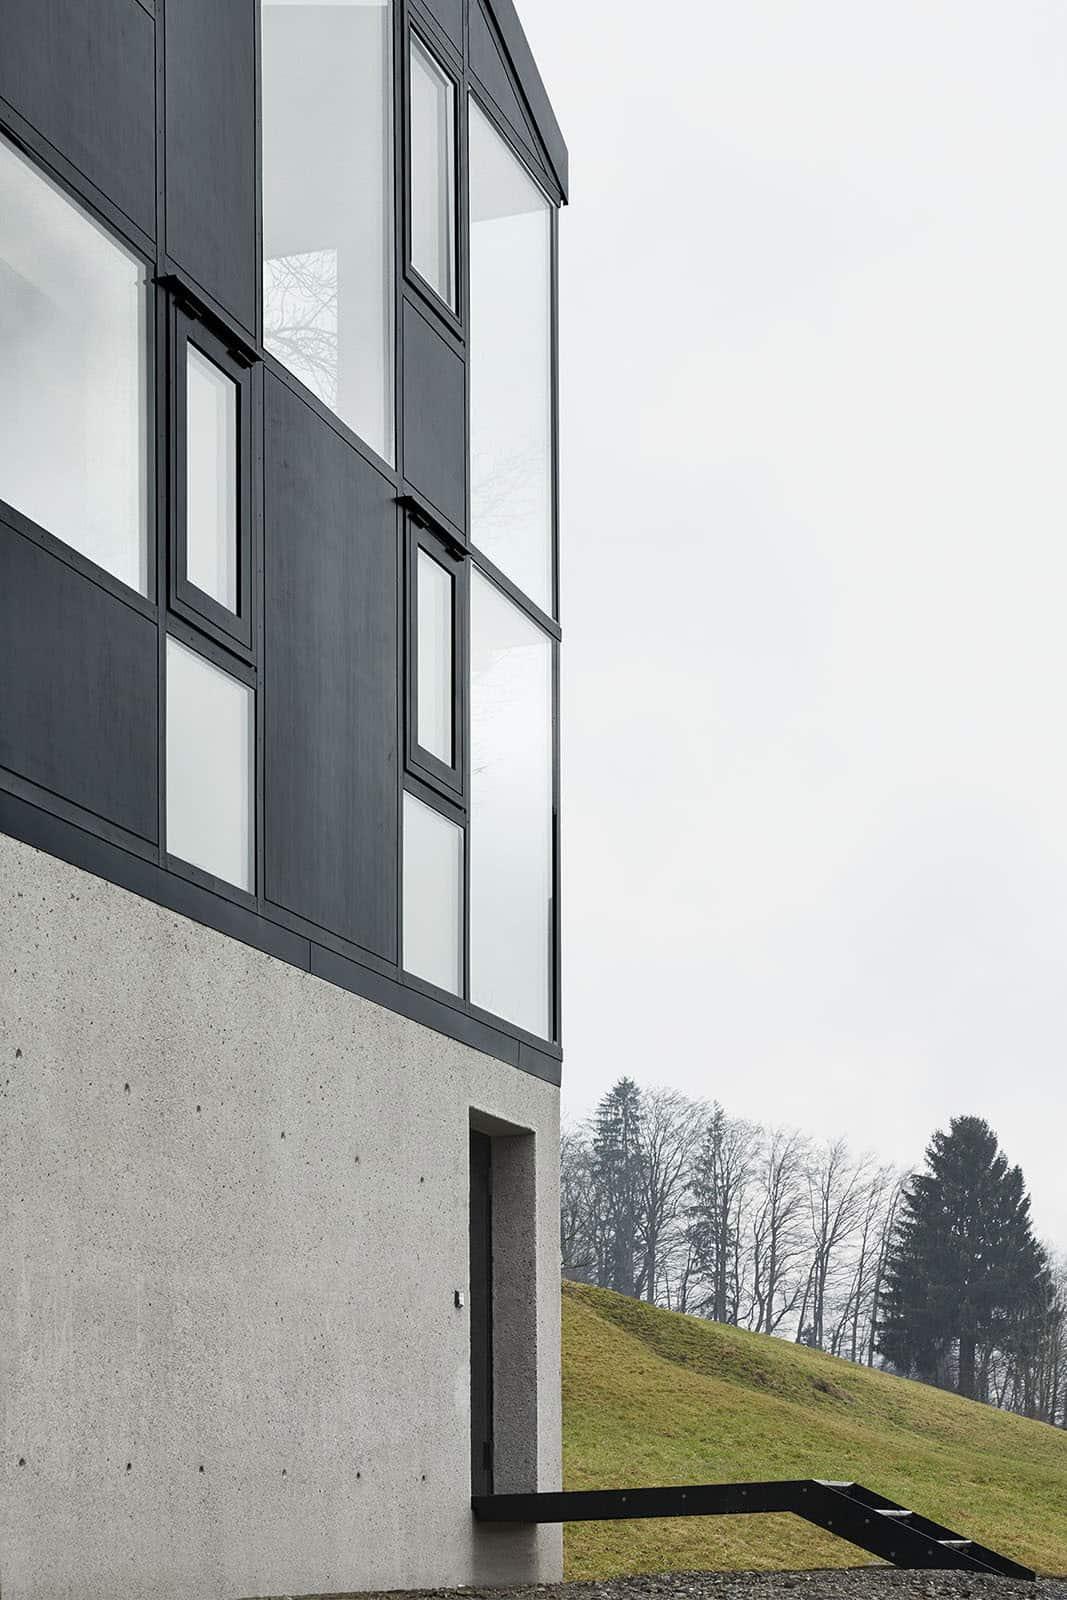 Haus Hohlen by Jochen Specht (4)